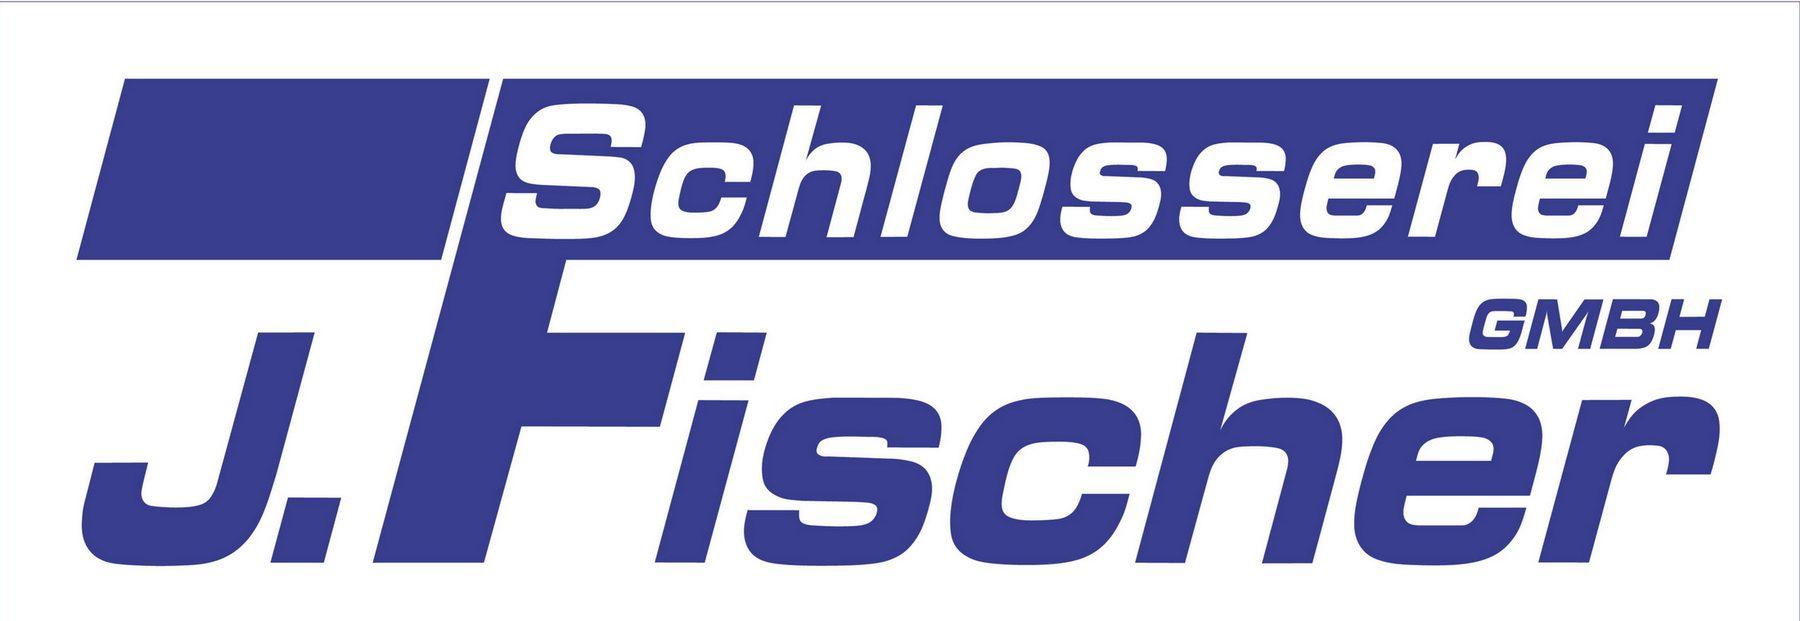 Schlosserei J. Fischer GmbH